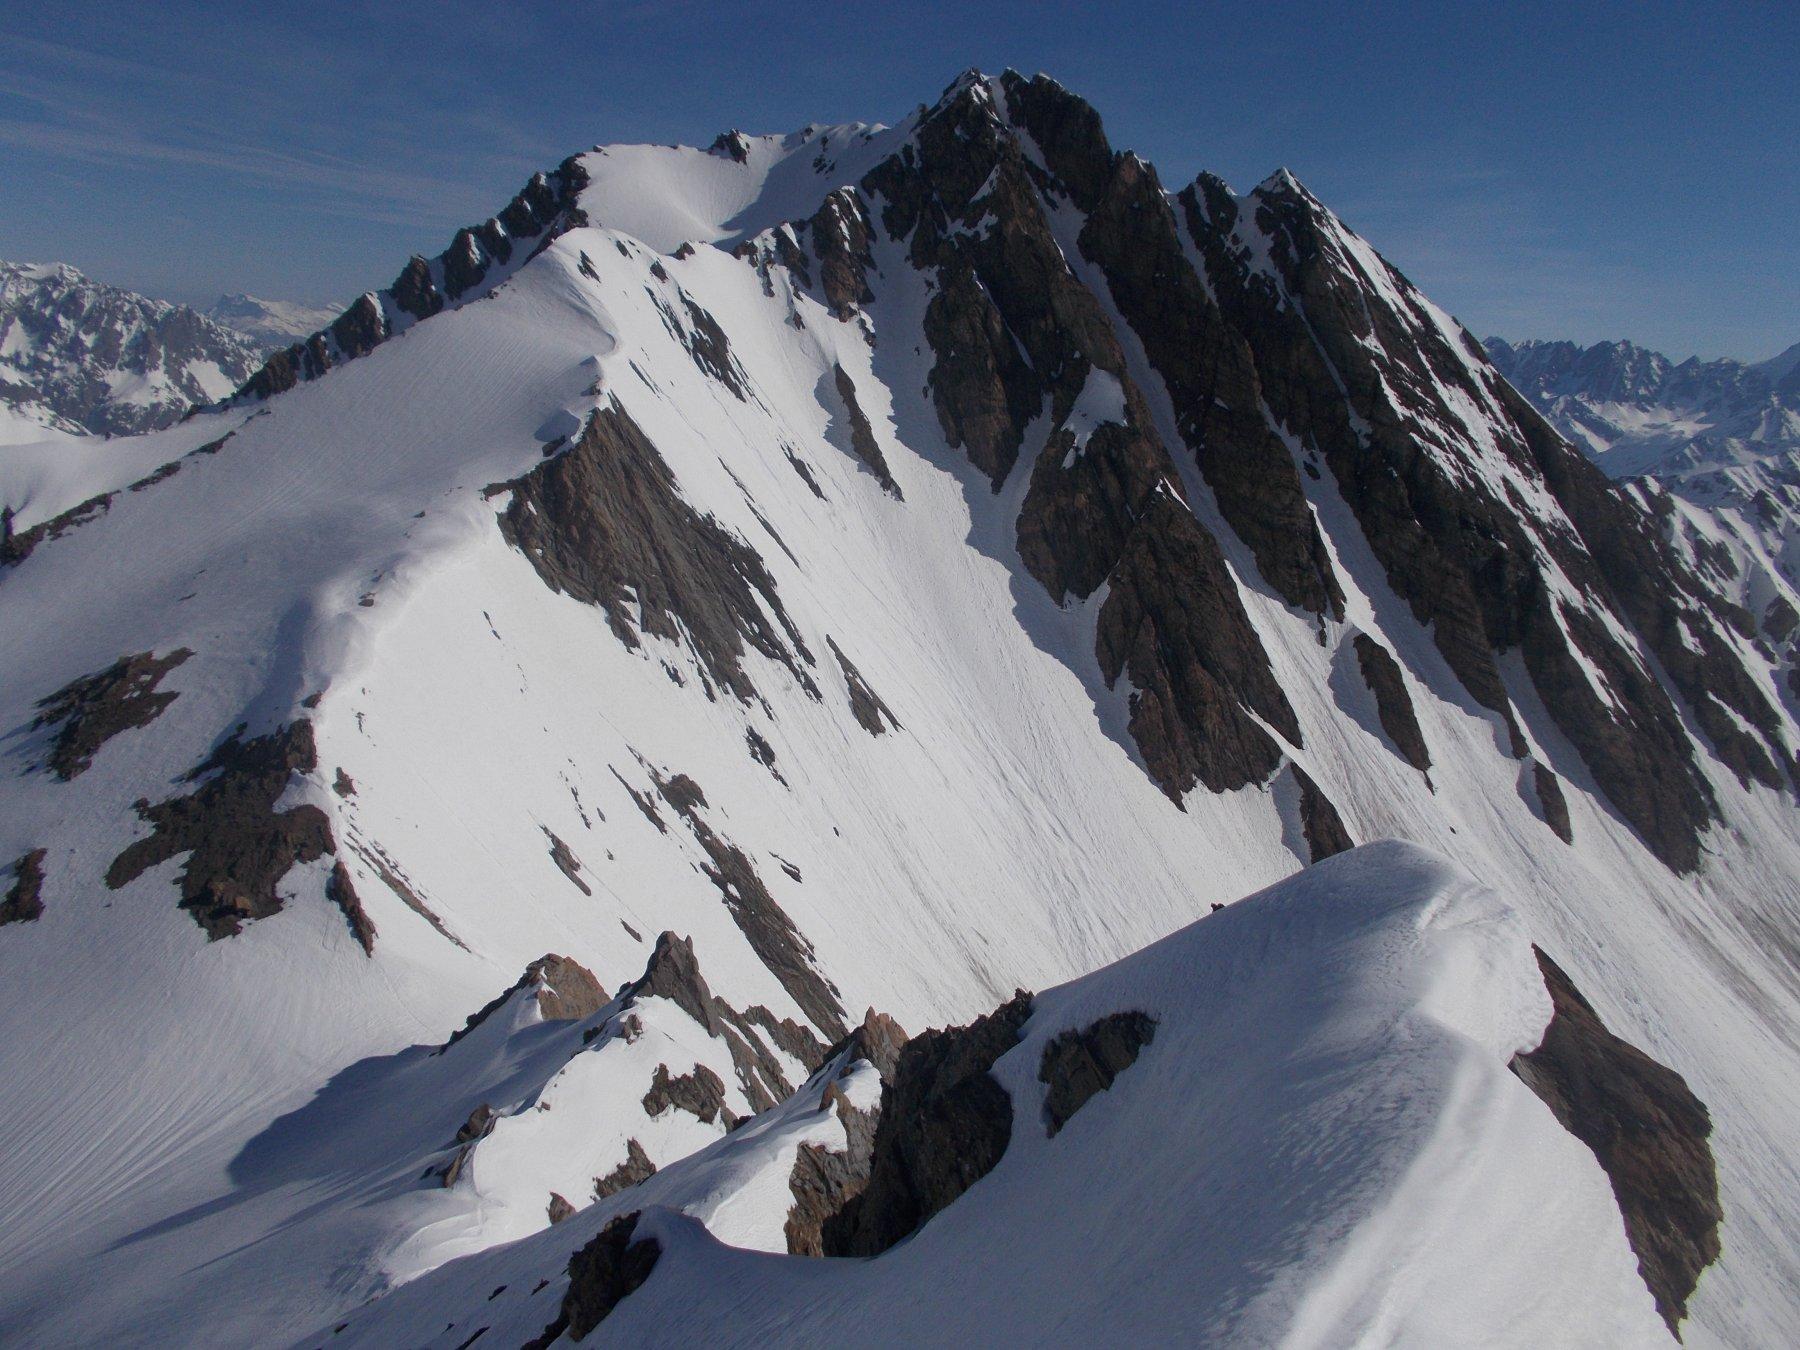 dalla vetta la cresta nord di discesa ancora tutta in neve..e il Piccolo Golliaz a dar un senso di profondita' al tutto..